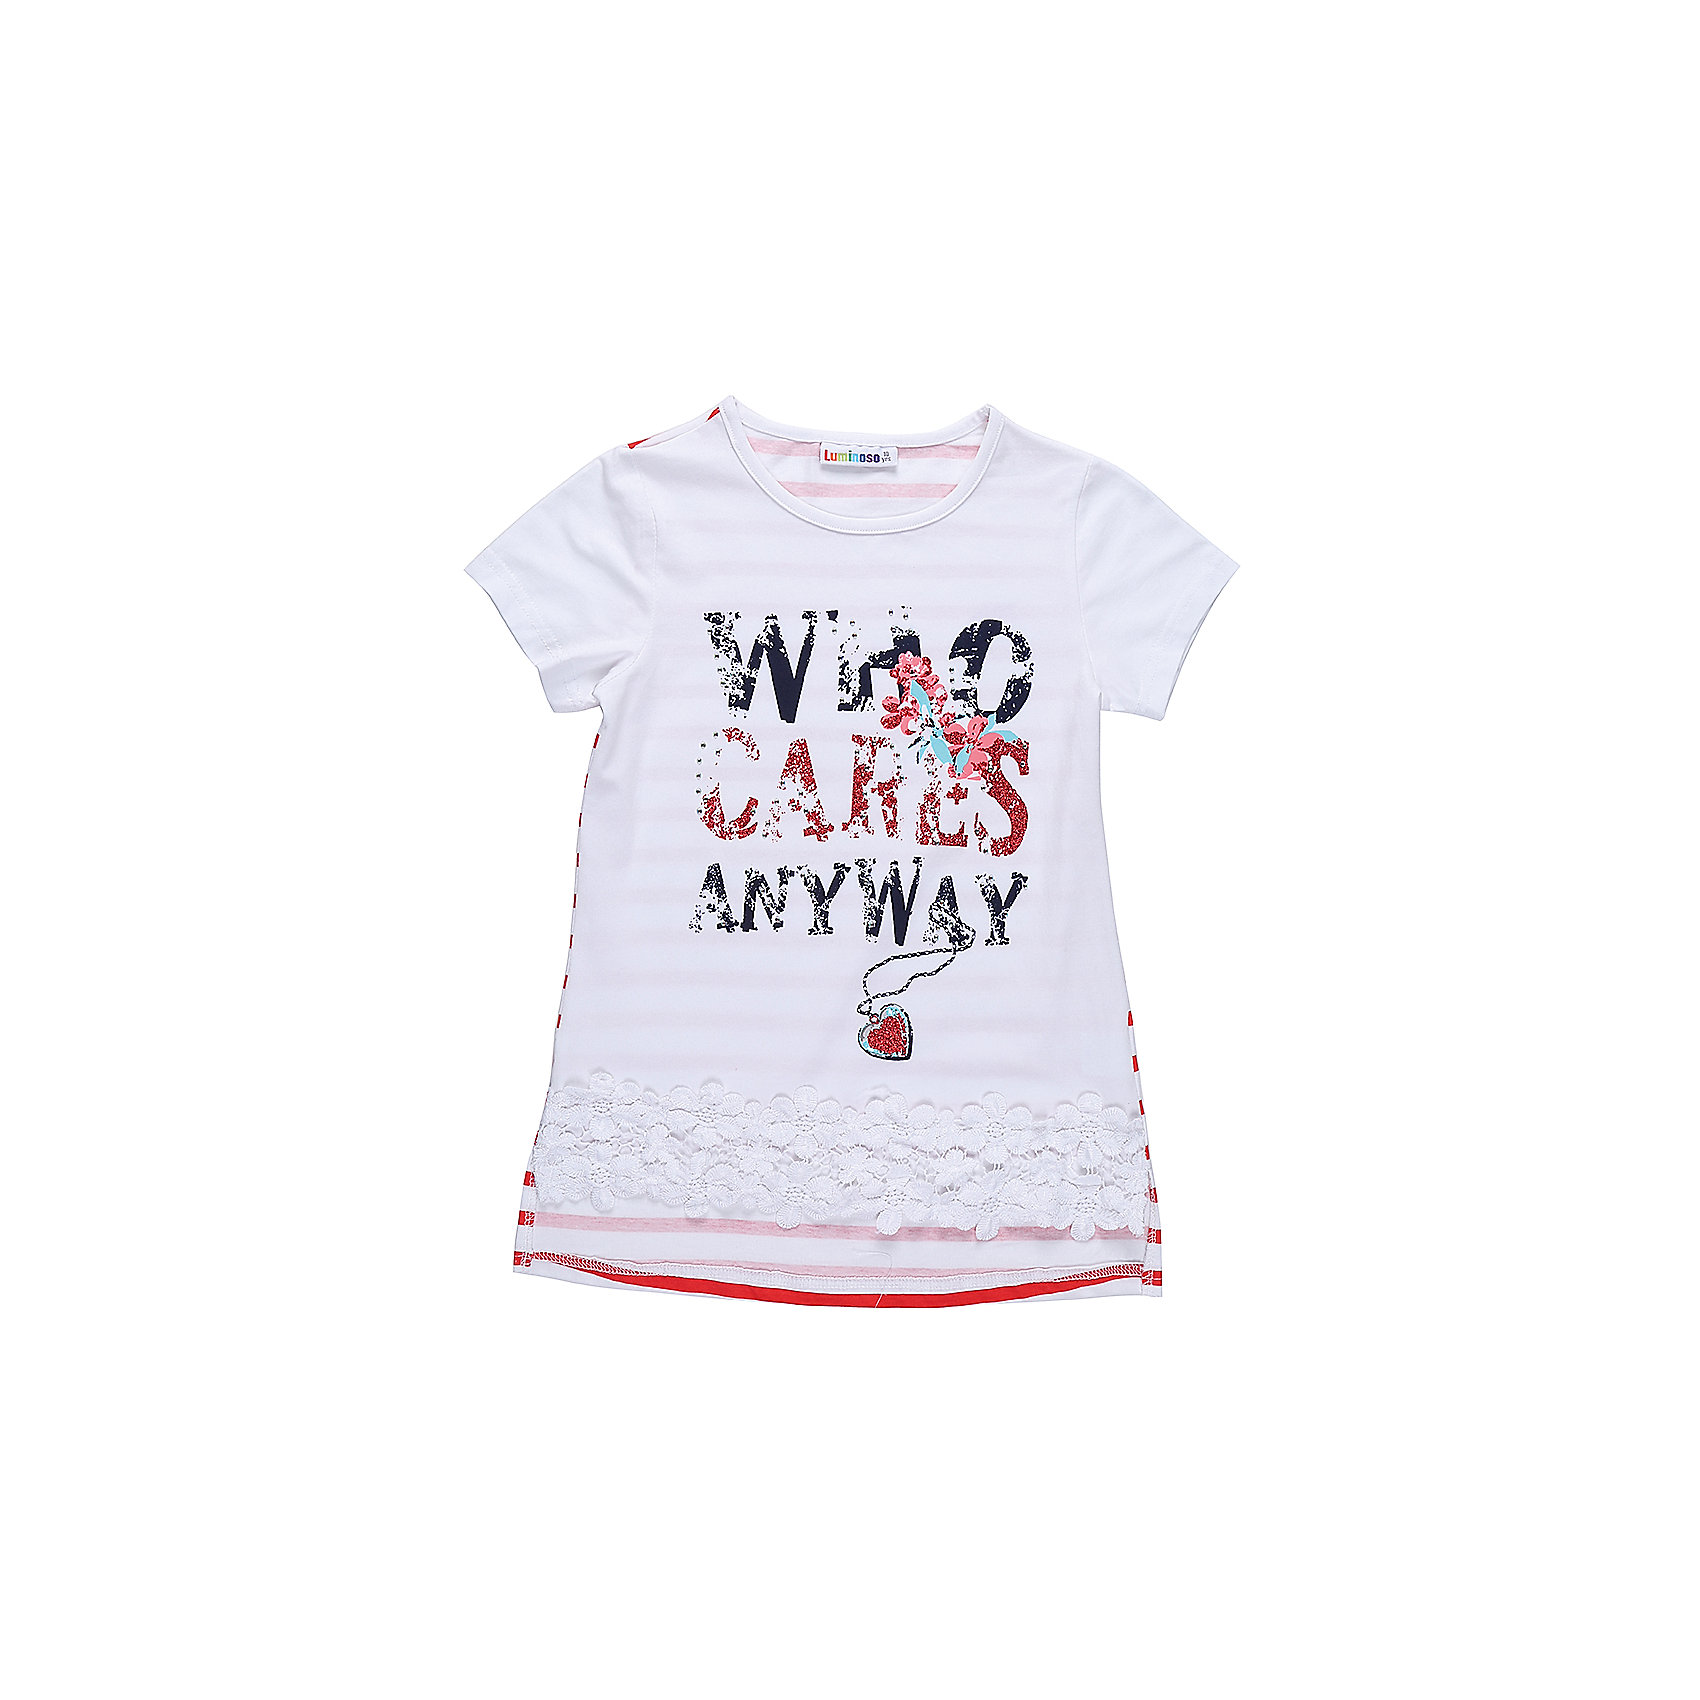 Футболка для девочки LuminosoФутболки, поло и топы<br>Стильная футболка из трикотажной ткани для девочки с коротким рукавом и удлиненной спинкой. Декорирована яркой аппликацией, стразами и плетенным кружевом по низу изделия.<br>Состав:<br>95%хлопок 5%эластан<br><br>Ширина мм: 199<br>Глубина мм: 10<br>Высота мм: 161<br>Вес г: 151<br>Цвет: белый<br>Возраст от месяцев: 96<br>Возраст до месяцев: 108<br>Пол: Женский<br>Возраст: Детский<br>Размер: 152,158,164,134,140,146<br>SKU: 5413410